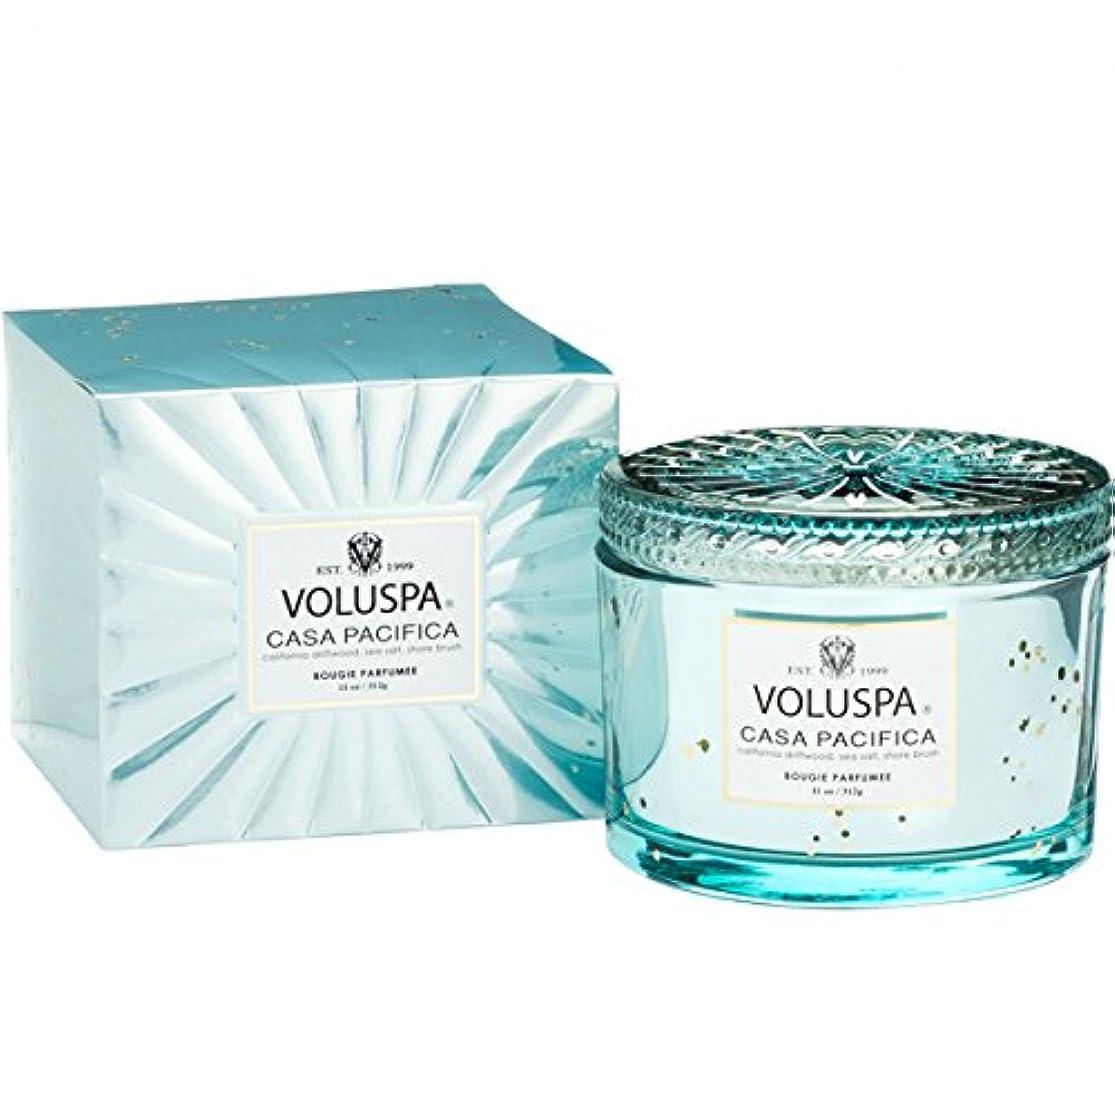 ルーム流出少なくともVoluspa ボルスパ ヴァーメイル ボックス入り グラスキャンドル カーサハ?シフィカ CASA PACIFICA VERMEIL BOX Glass Candle